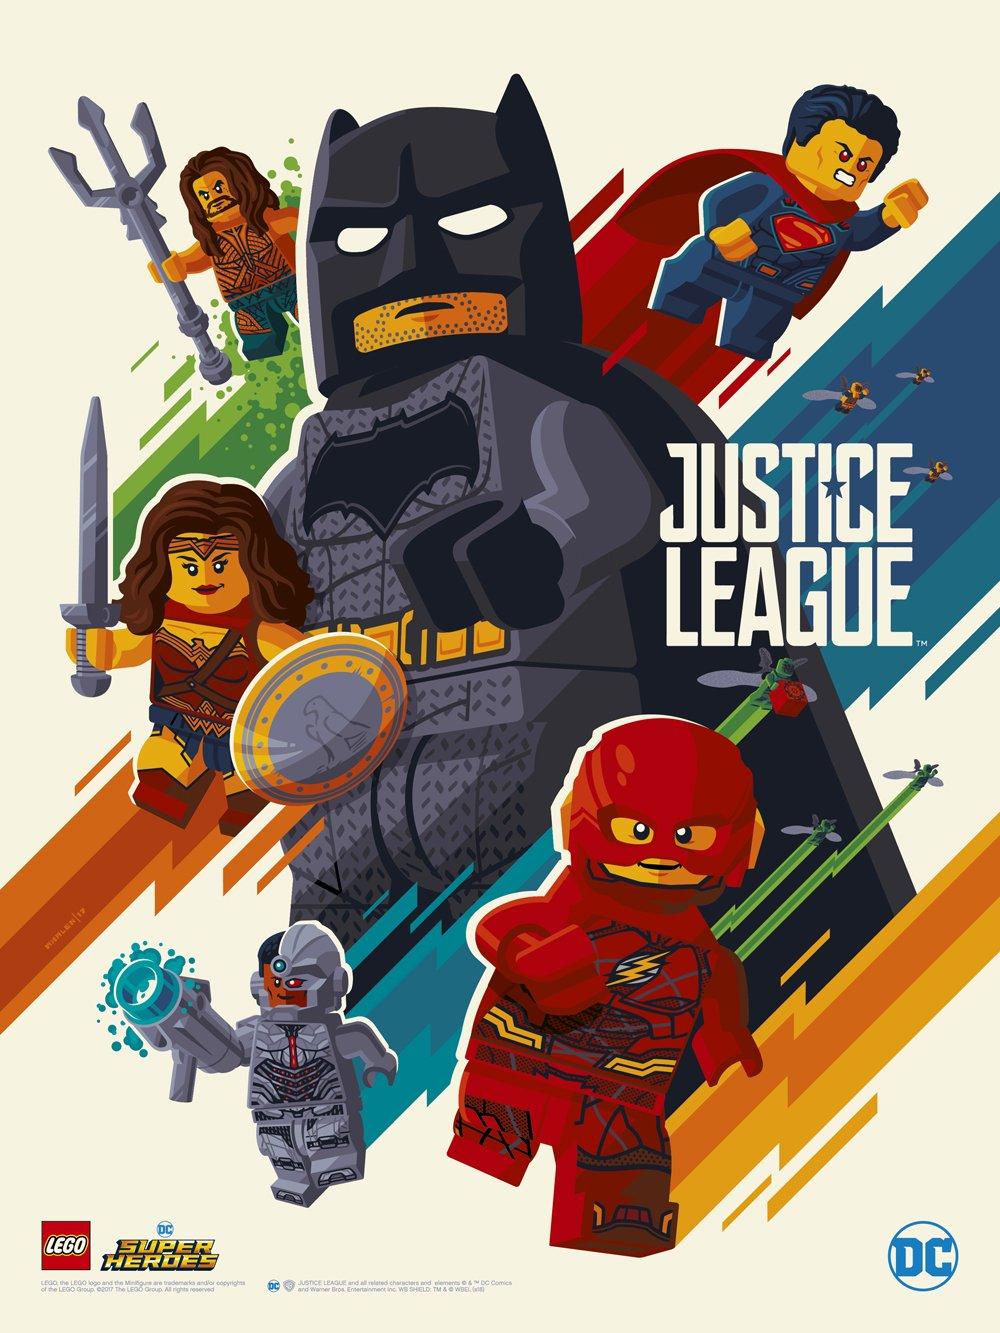 Znalezione obrazy dla zapytania justice league poster